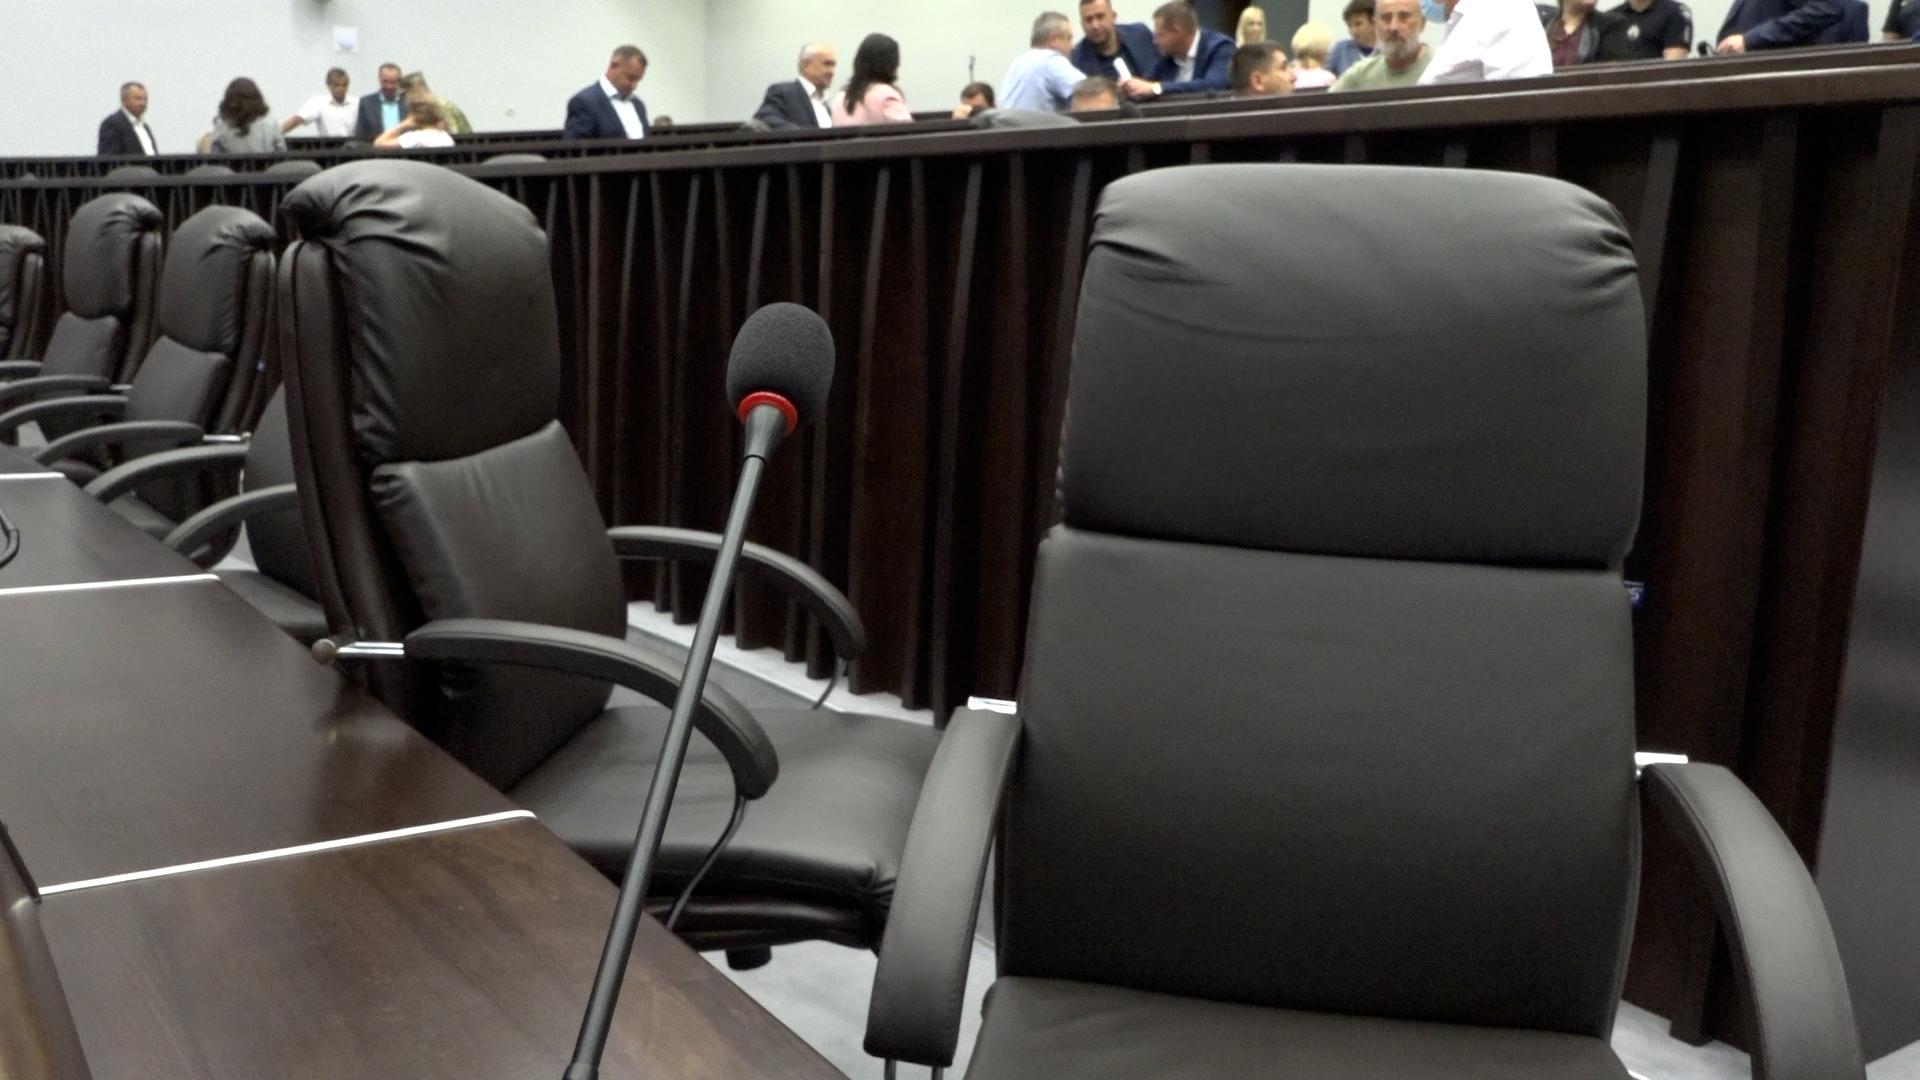 Скандал у Тернополі: коаліція проігнорувала засідання облради, а ветерани війни виступили із терміновою заявою